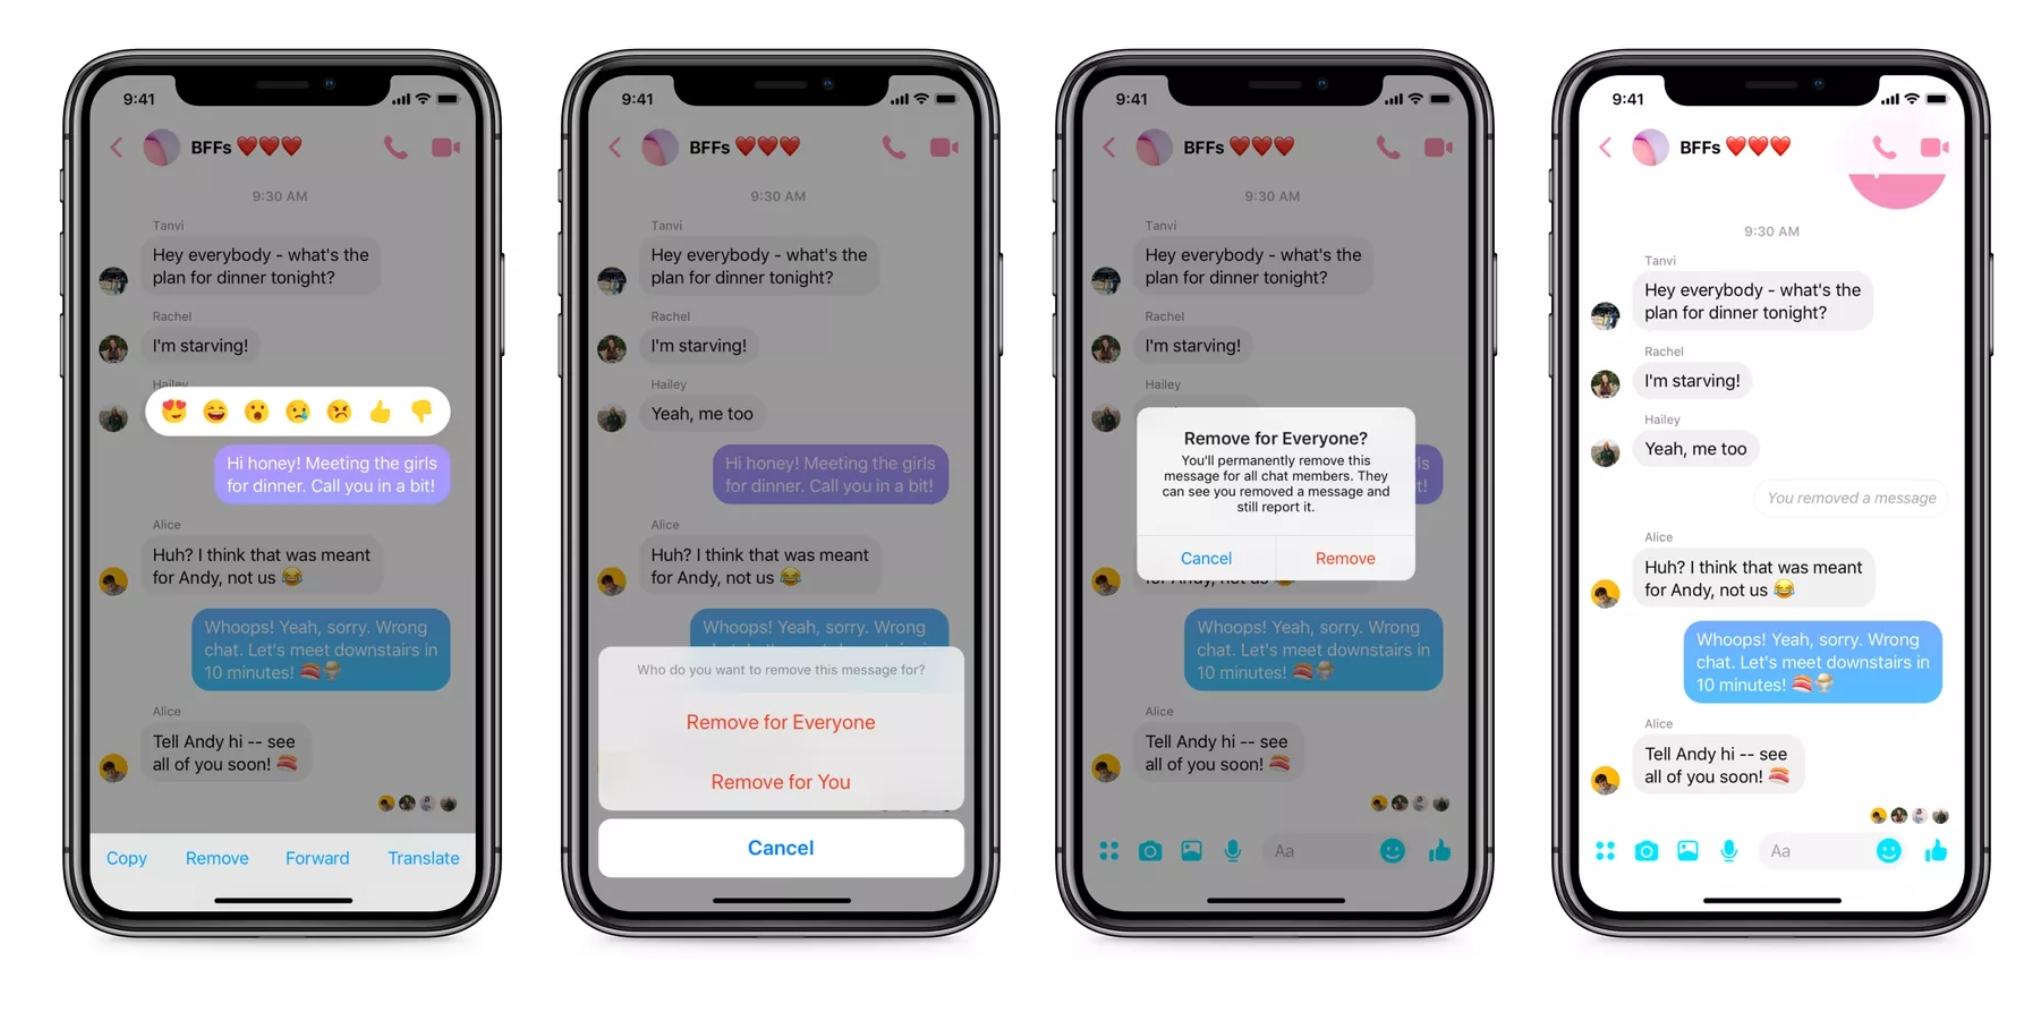 Facebook Messenger gir deg 10 minutter til å angre